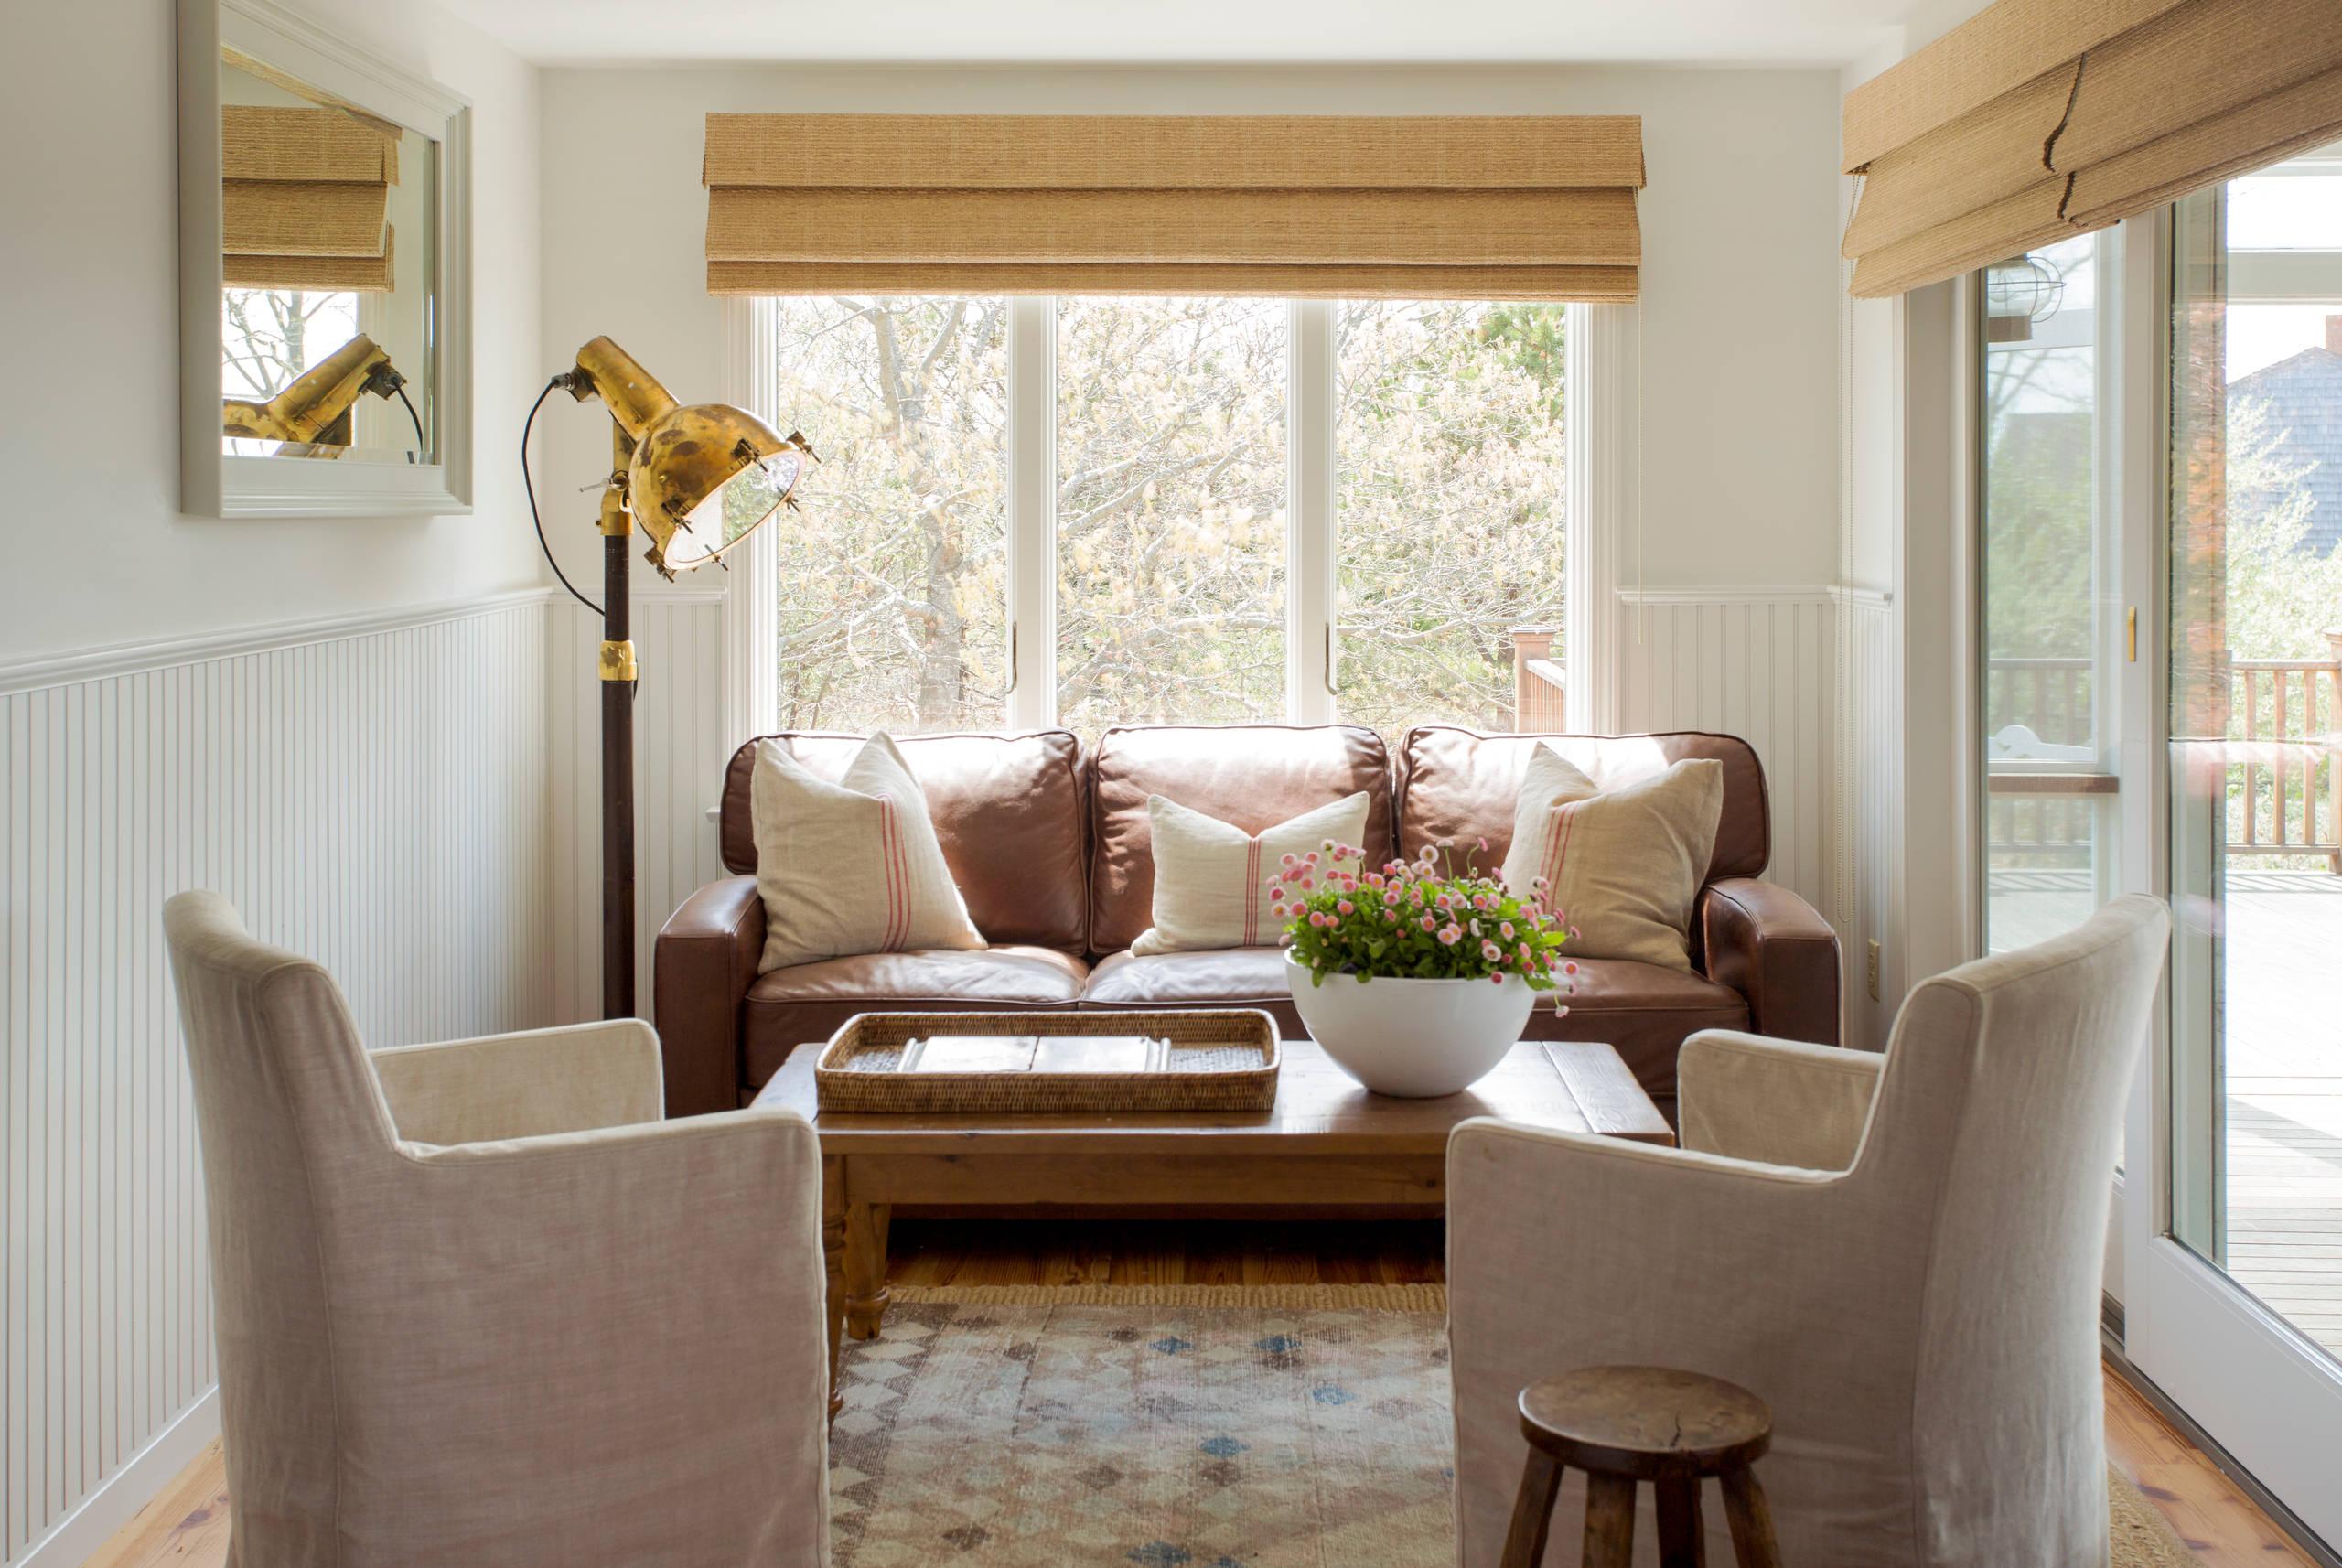 Отличным дизайнерским решением станет гостиная в бежевых тонах, она будет смотреться изысканно и со вкусом